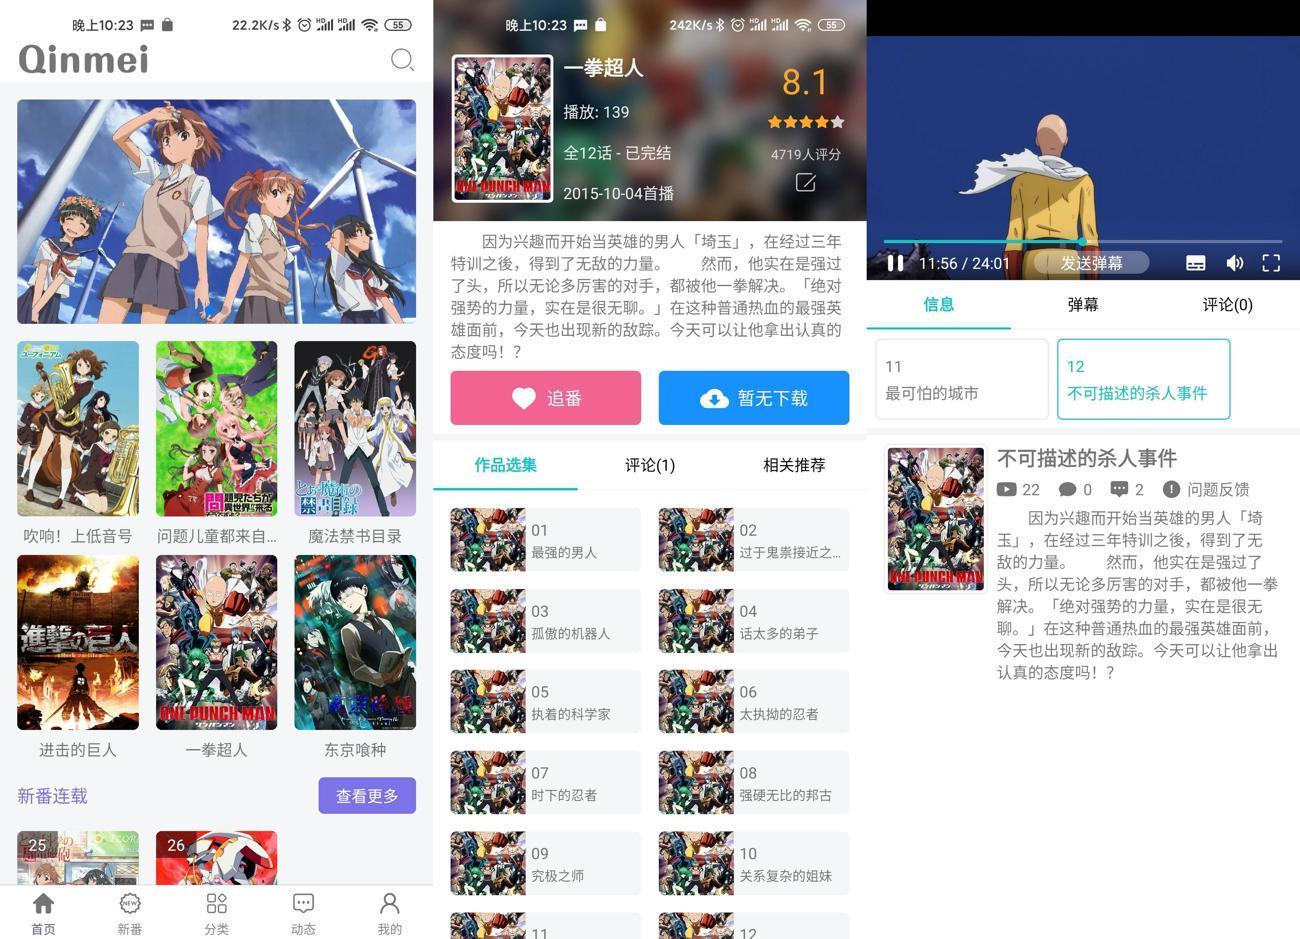 安卓Qinmei追番v999绿化版,安卓Qinmei追番v999绿化版  第1张,第1张